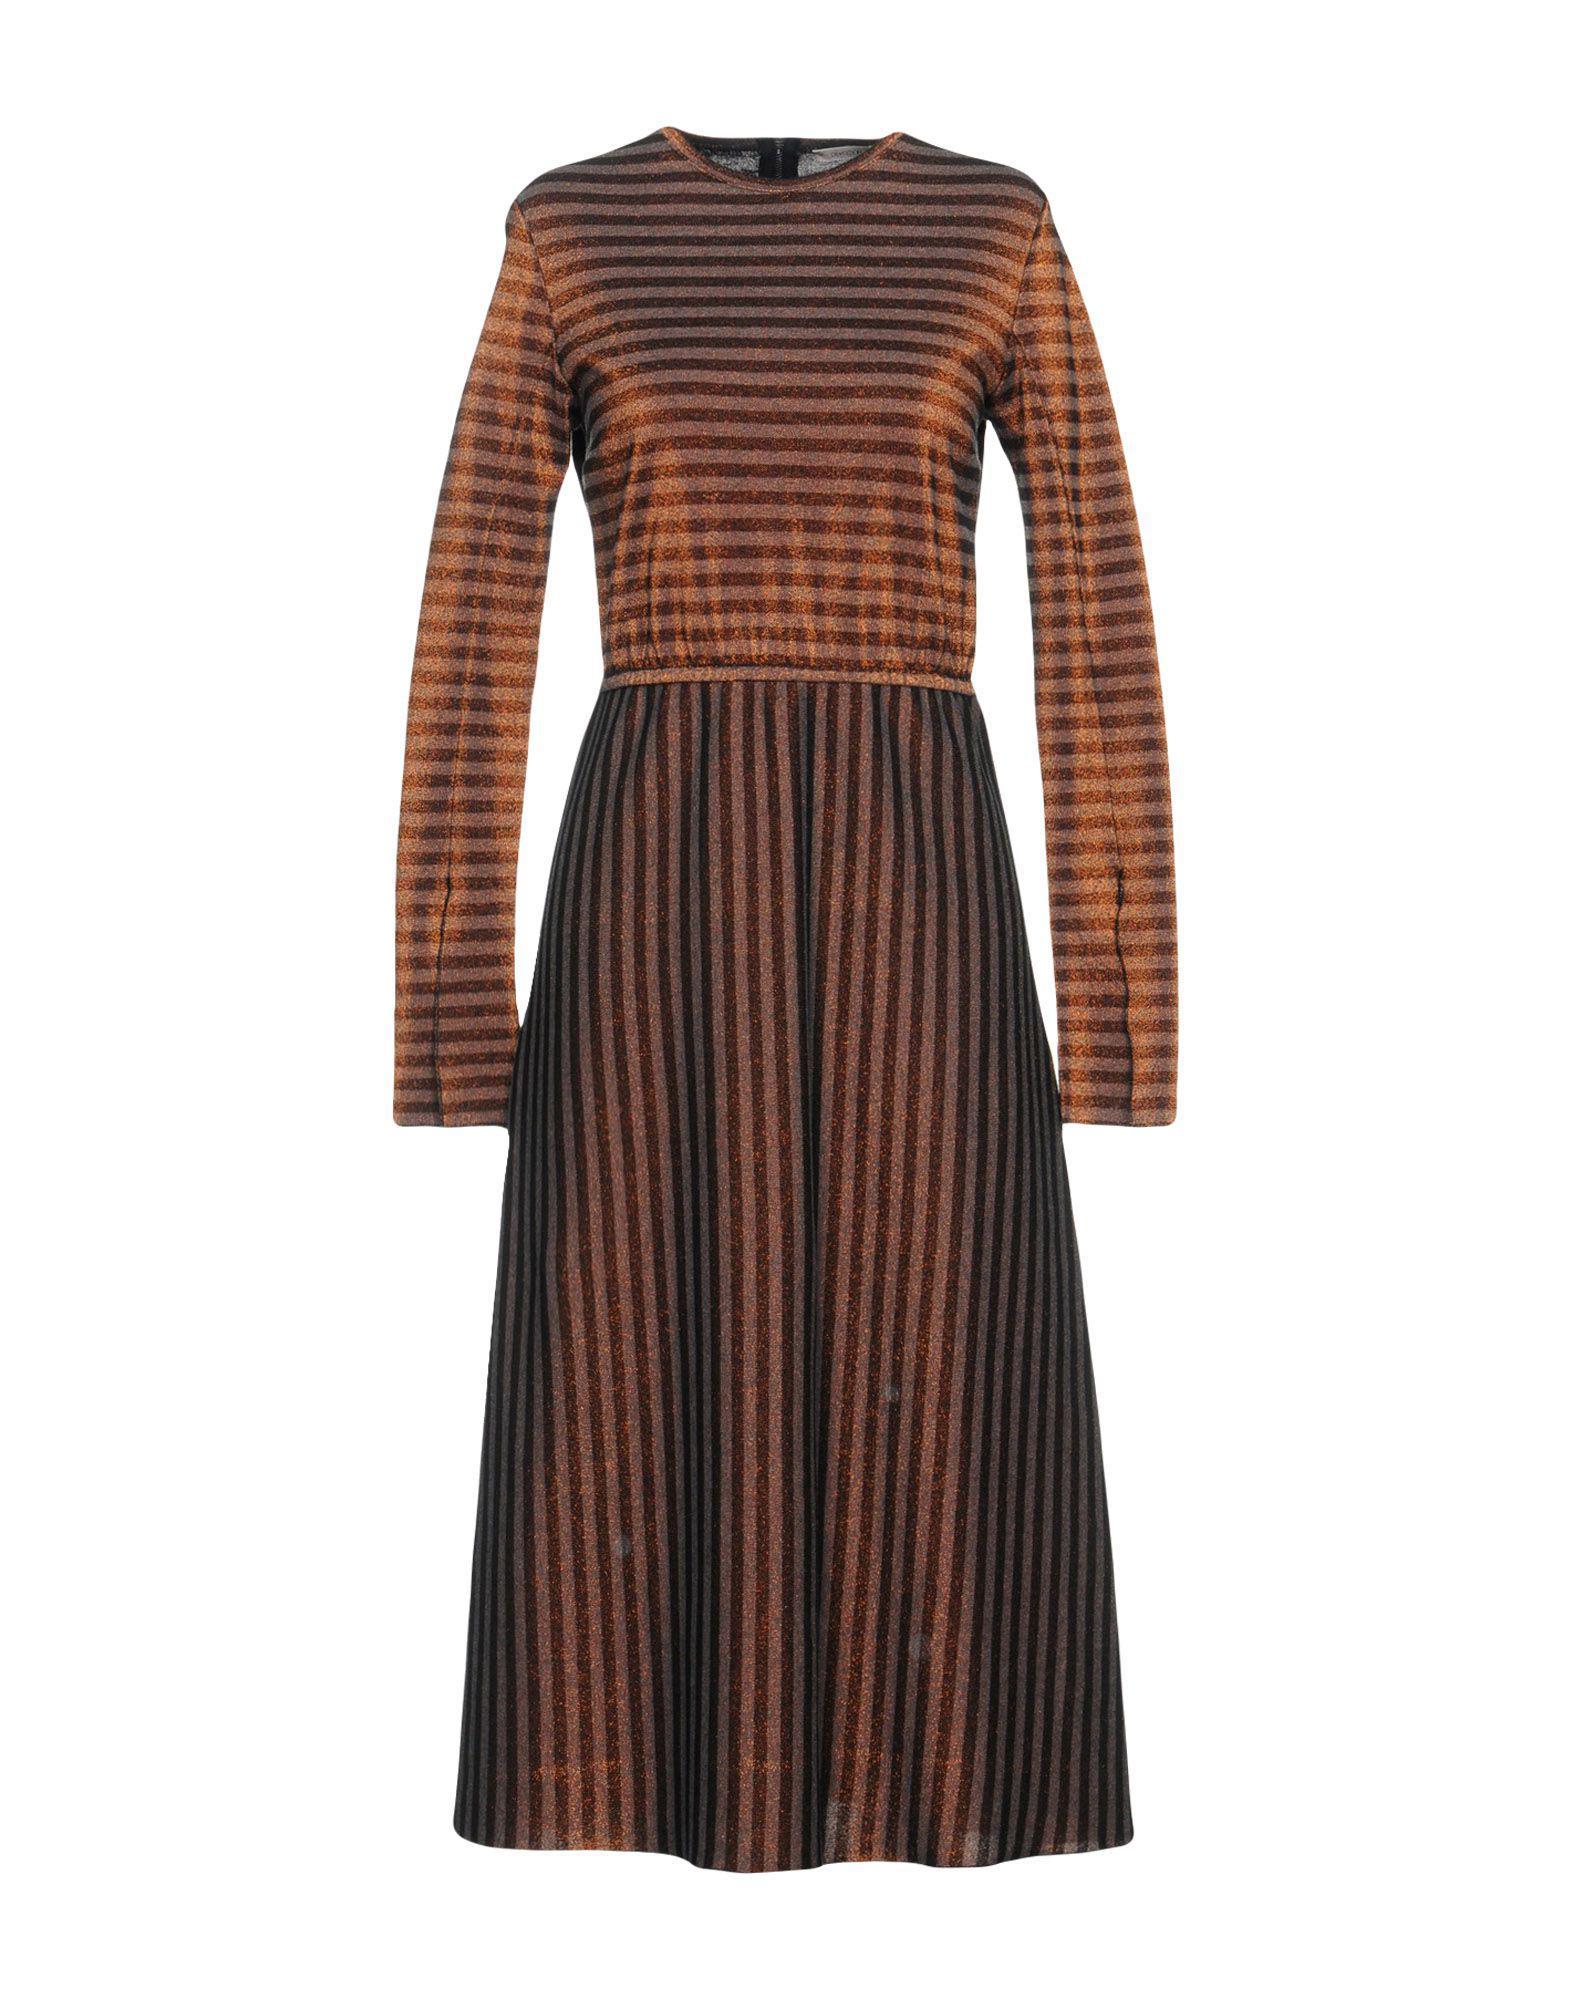 DRESSES - 3/4 length dresses Devotion zhidf4kvXF